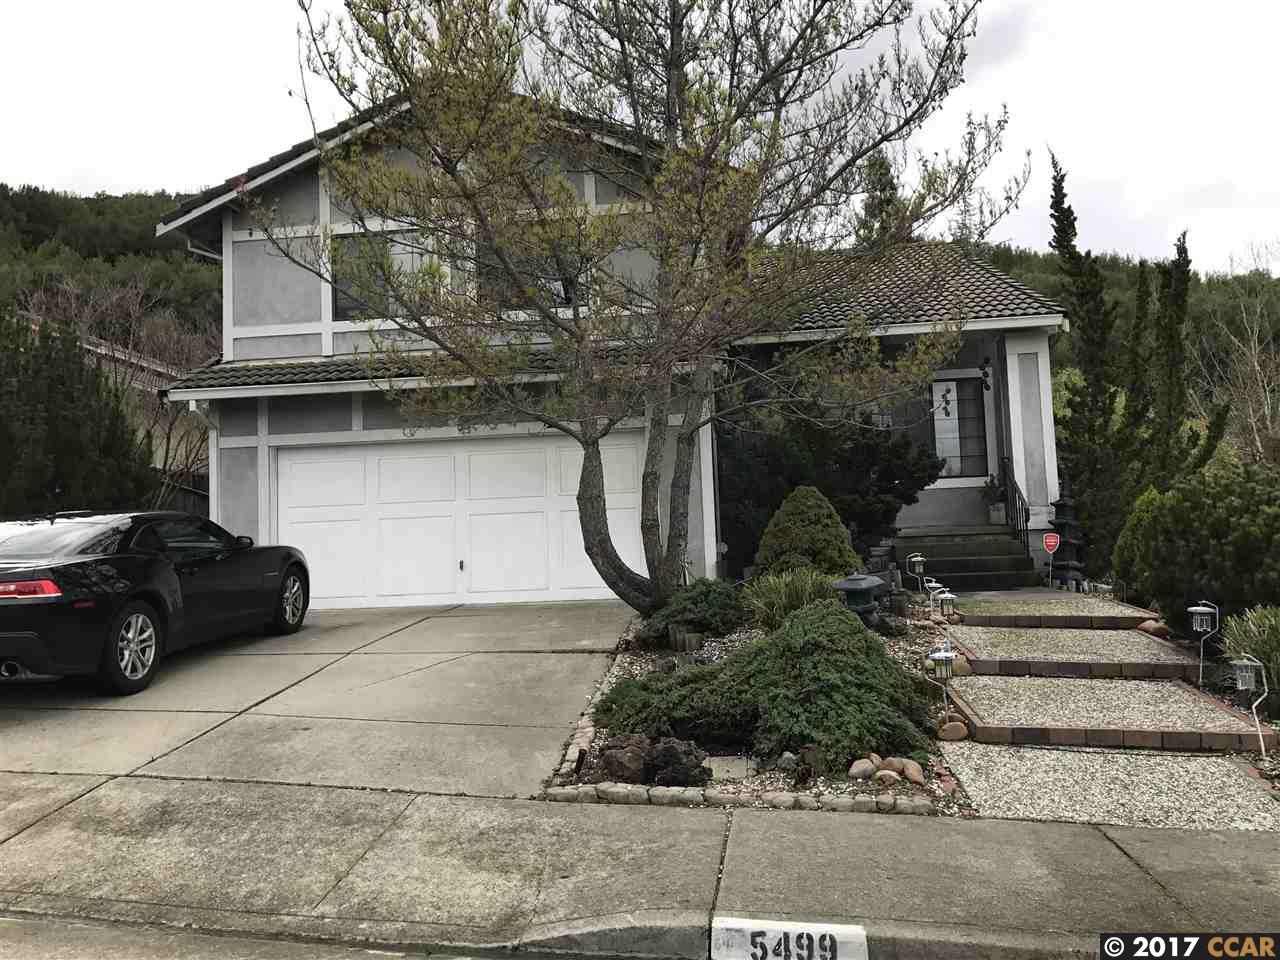 Einfamilienhaus für Verkauf beim 5499 CABRILLO SUR El Sobrante, Kalifornien 94803 Vereinigte Staaten